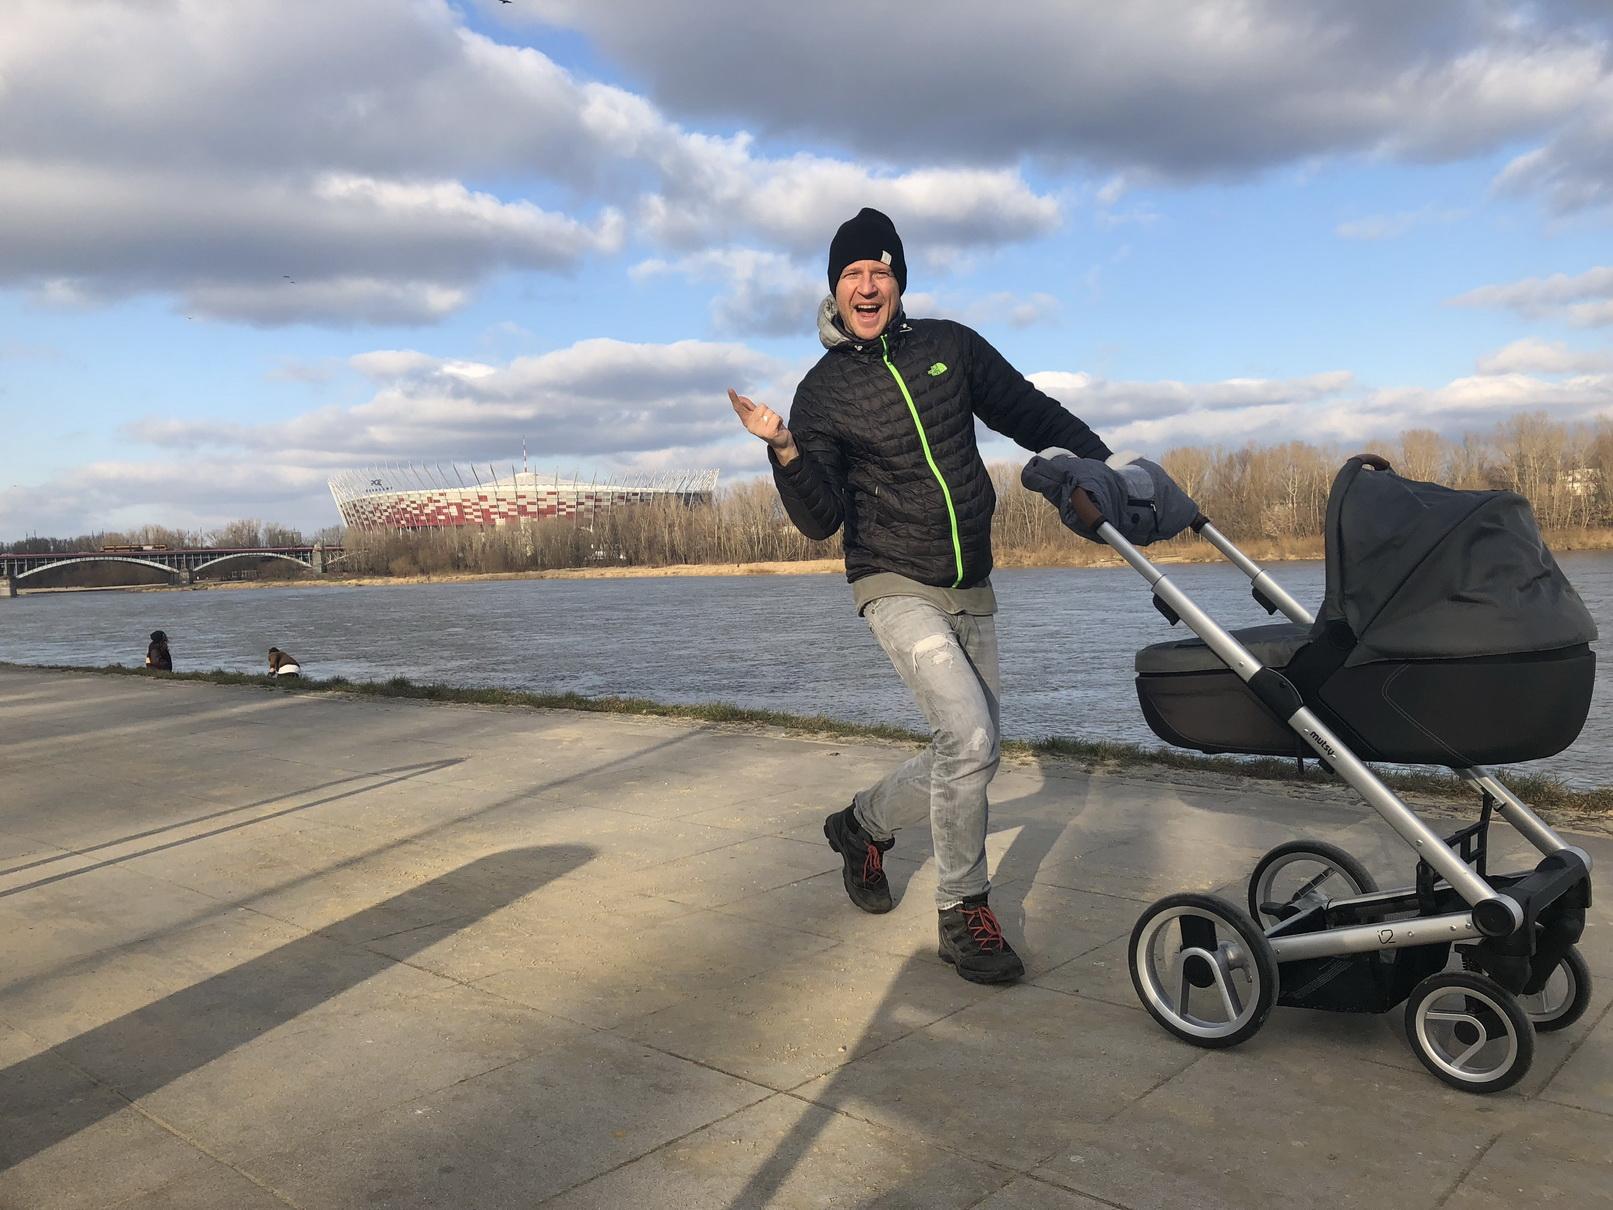 Najlepszy wózek dla dziecka i dla tatusia czyli jakie wózki dla dzieci lubią mężczyźni